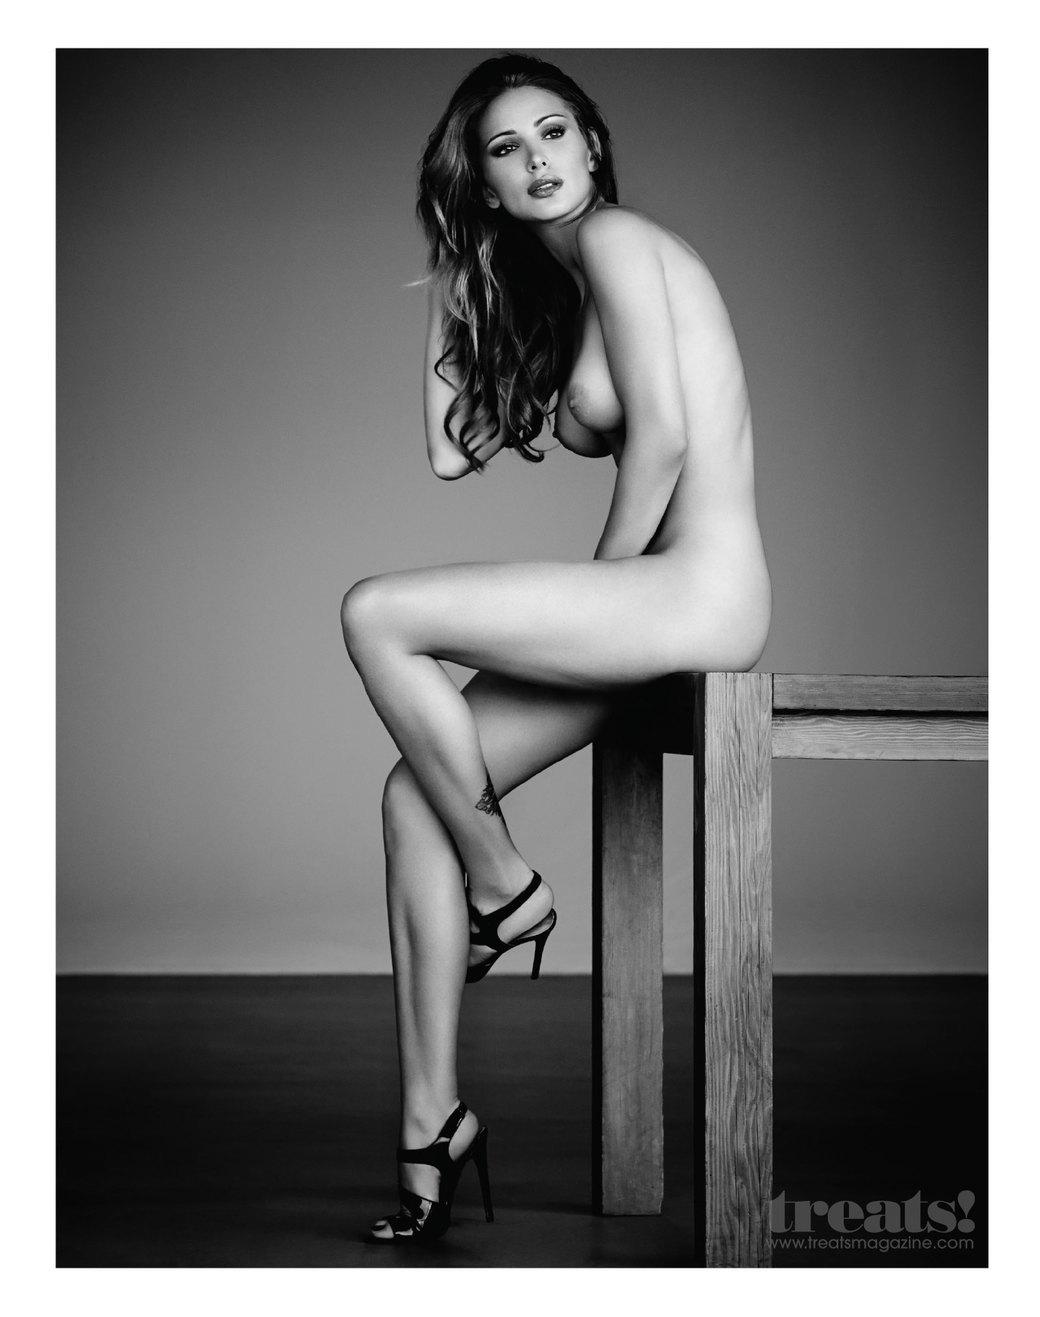 Стив Шоу сфотографировал актрису и модель Тину Каскиани для нового номера журнала Treats!. Изображение № 3.